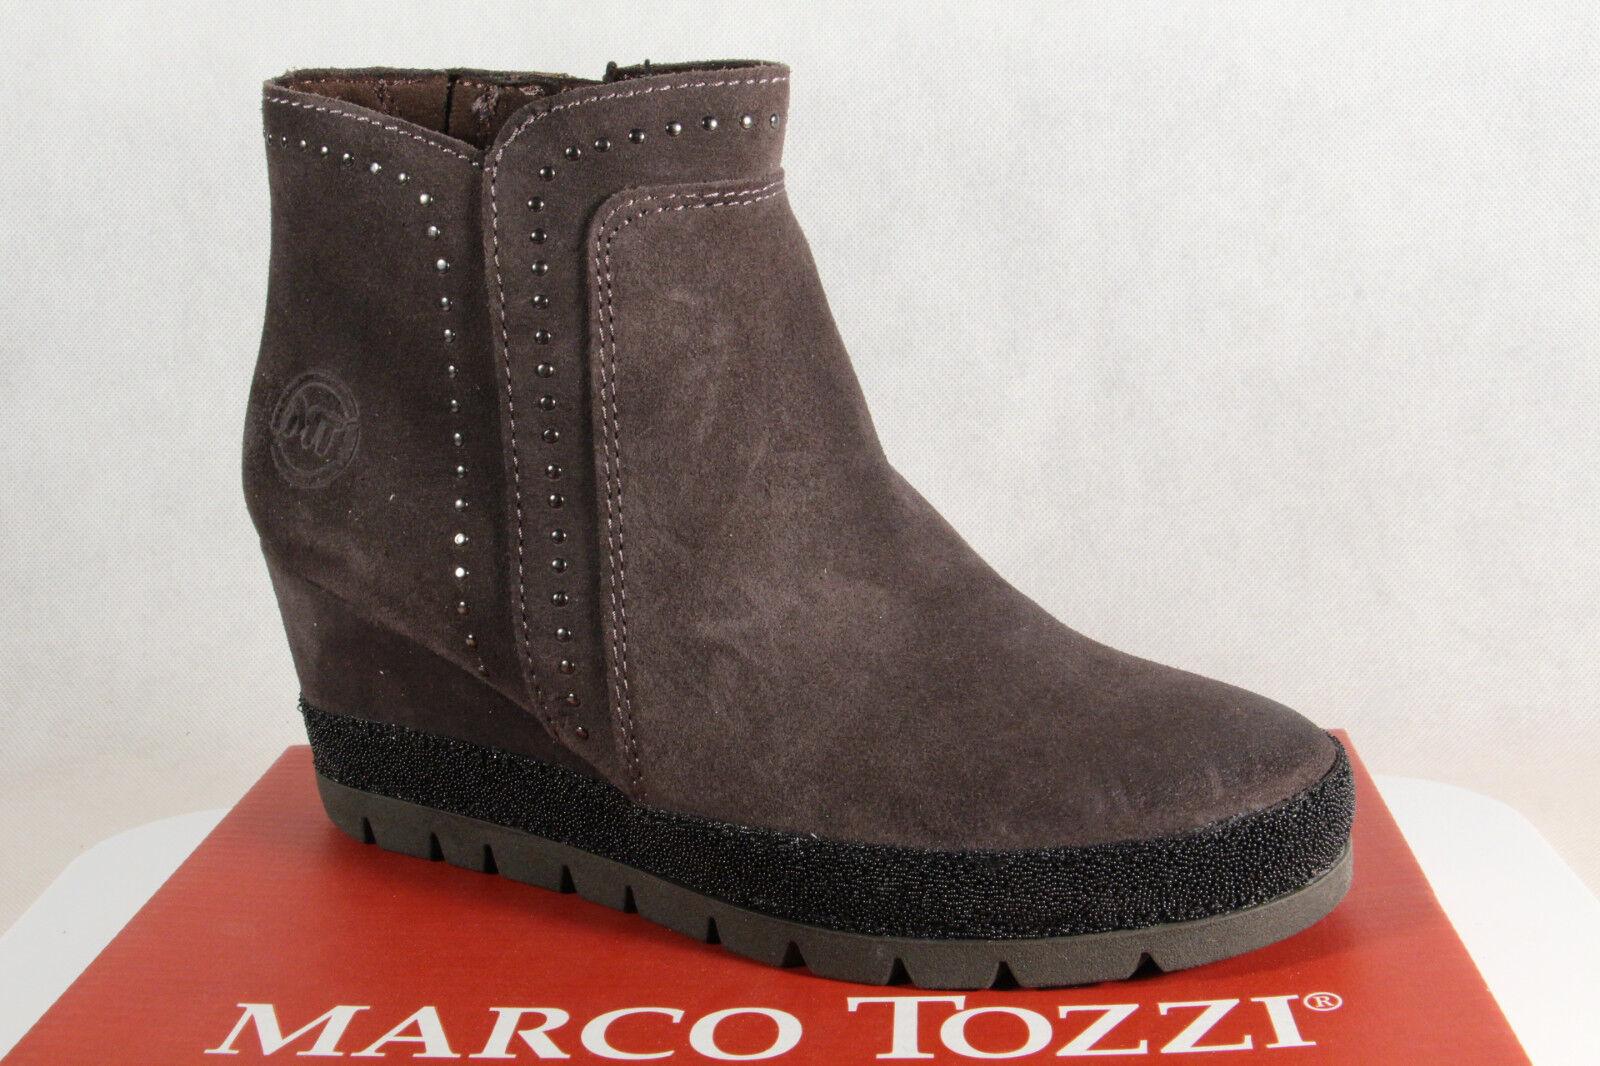 Marco Tozzi Stiefel, Echtleder Stiefelette Stiefeletten grau 25437 Echtleder Stiefel, NEU 76fea8